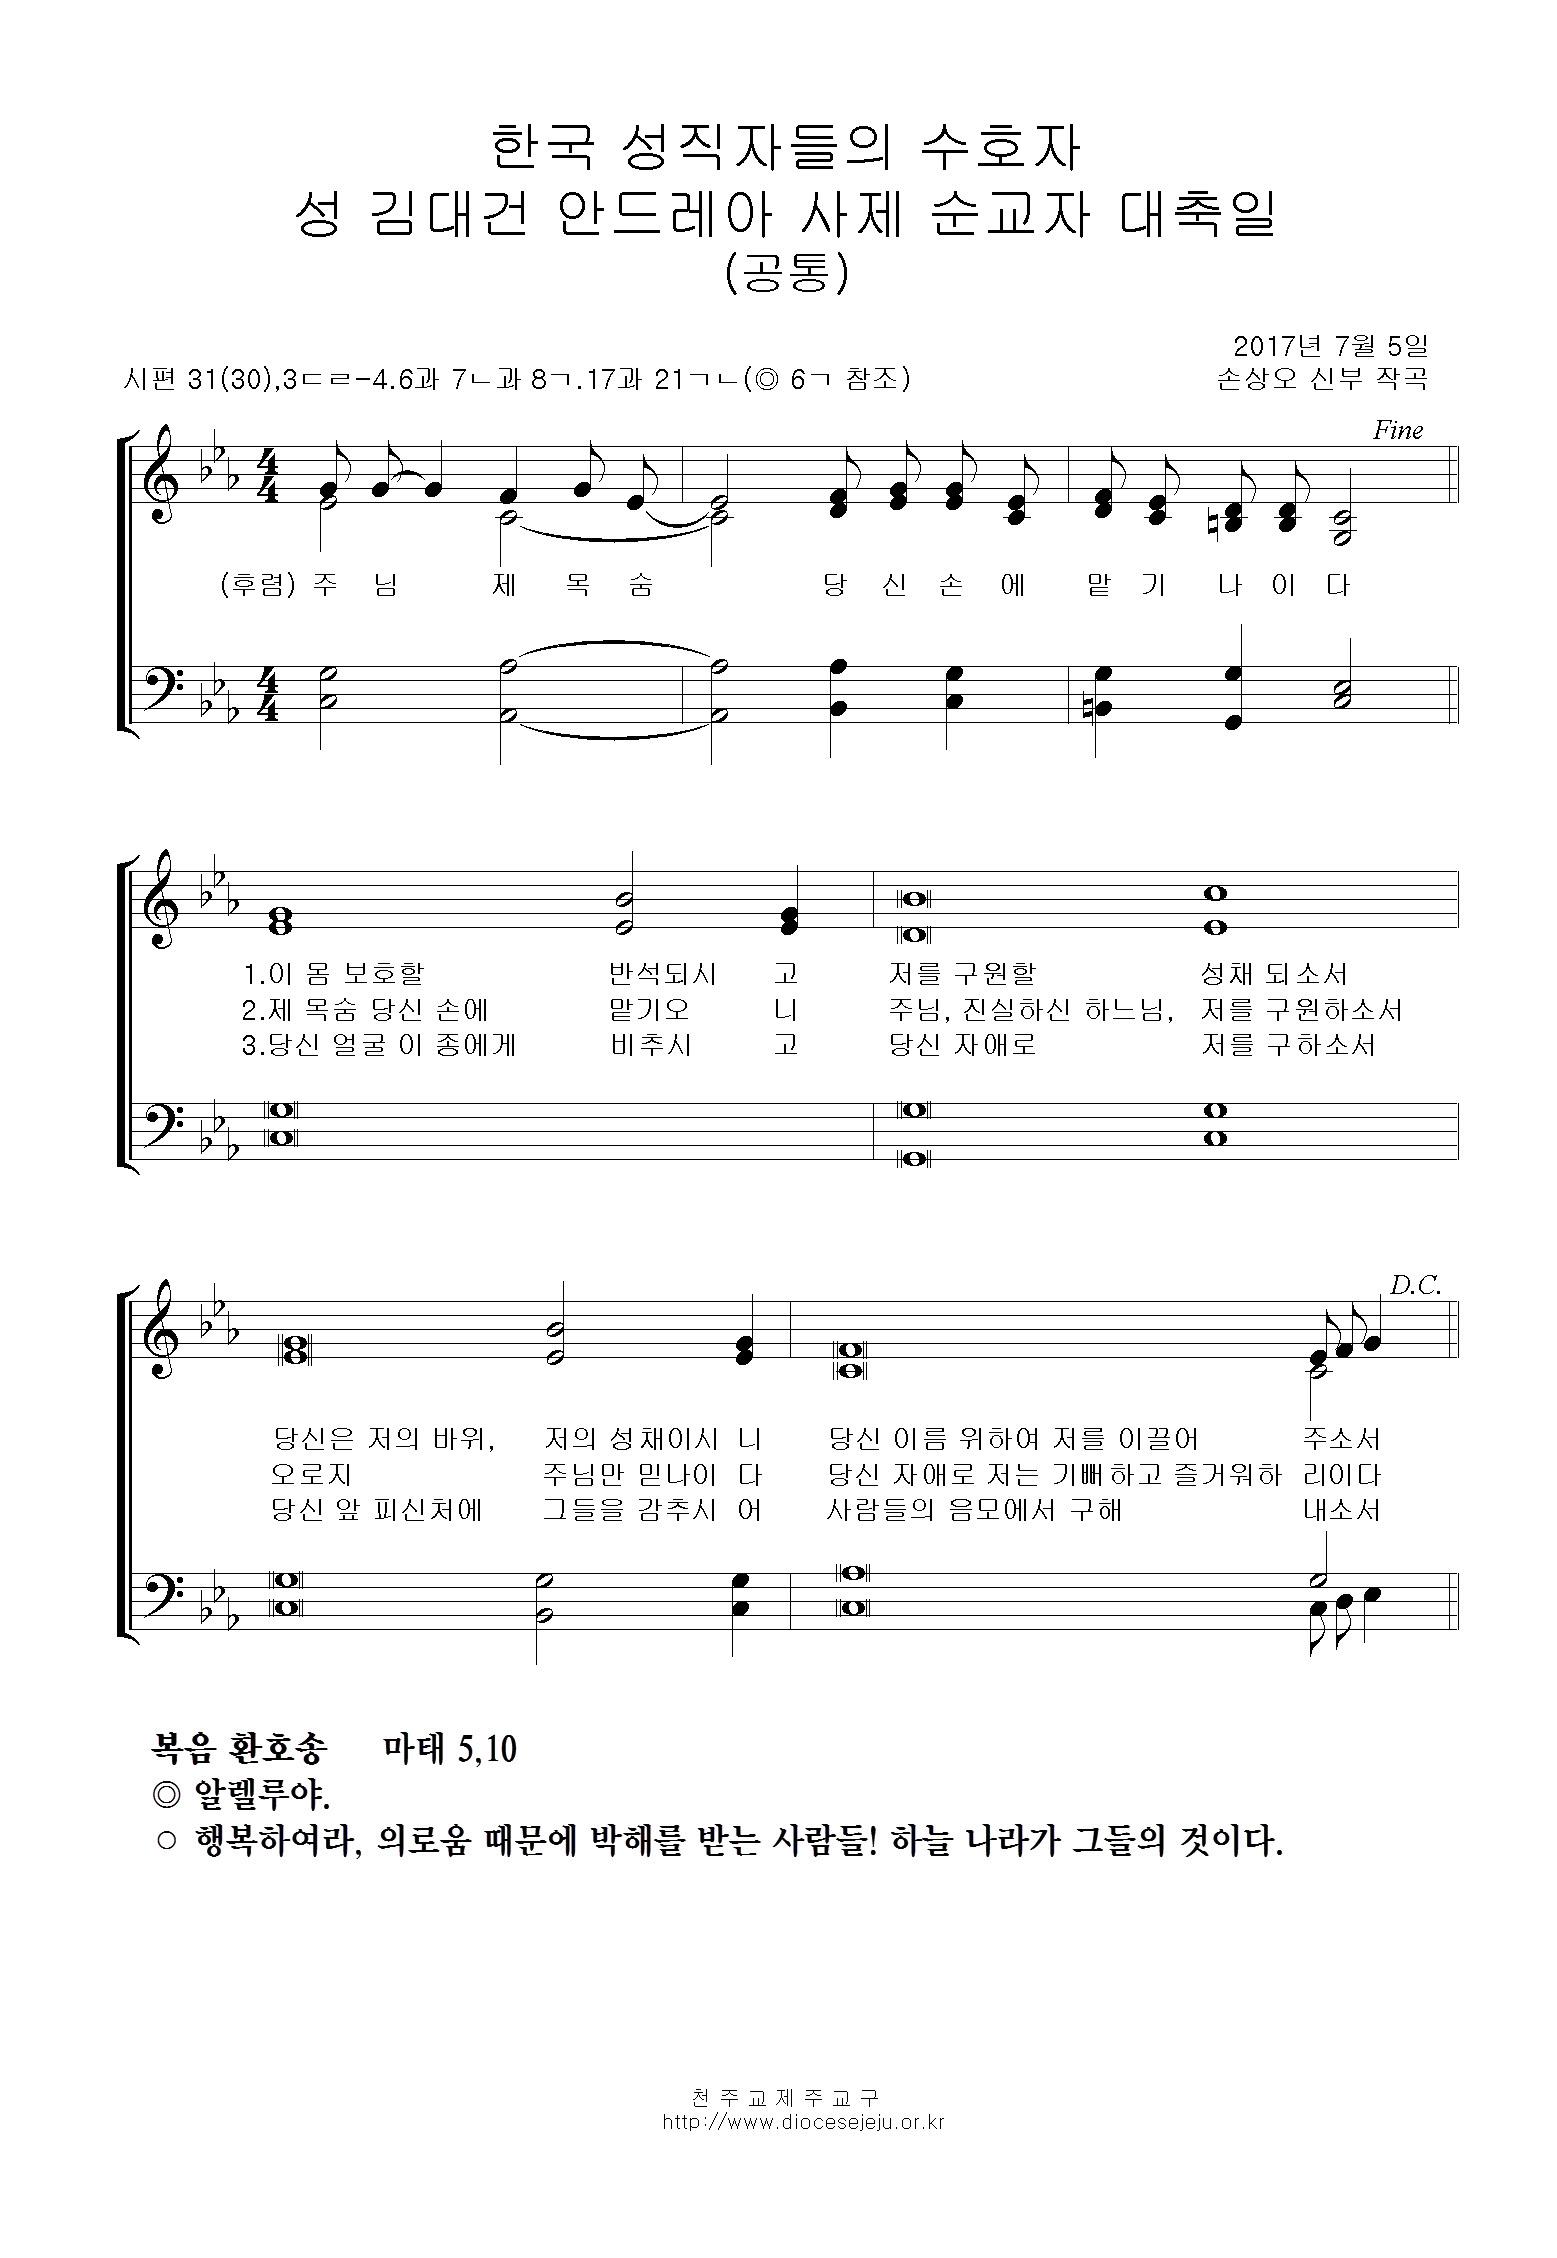 20170702-성김대건안드레아사제순교자대축일 경축이동.jpg